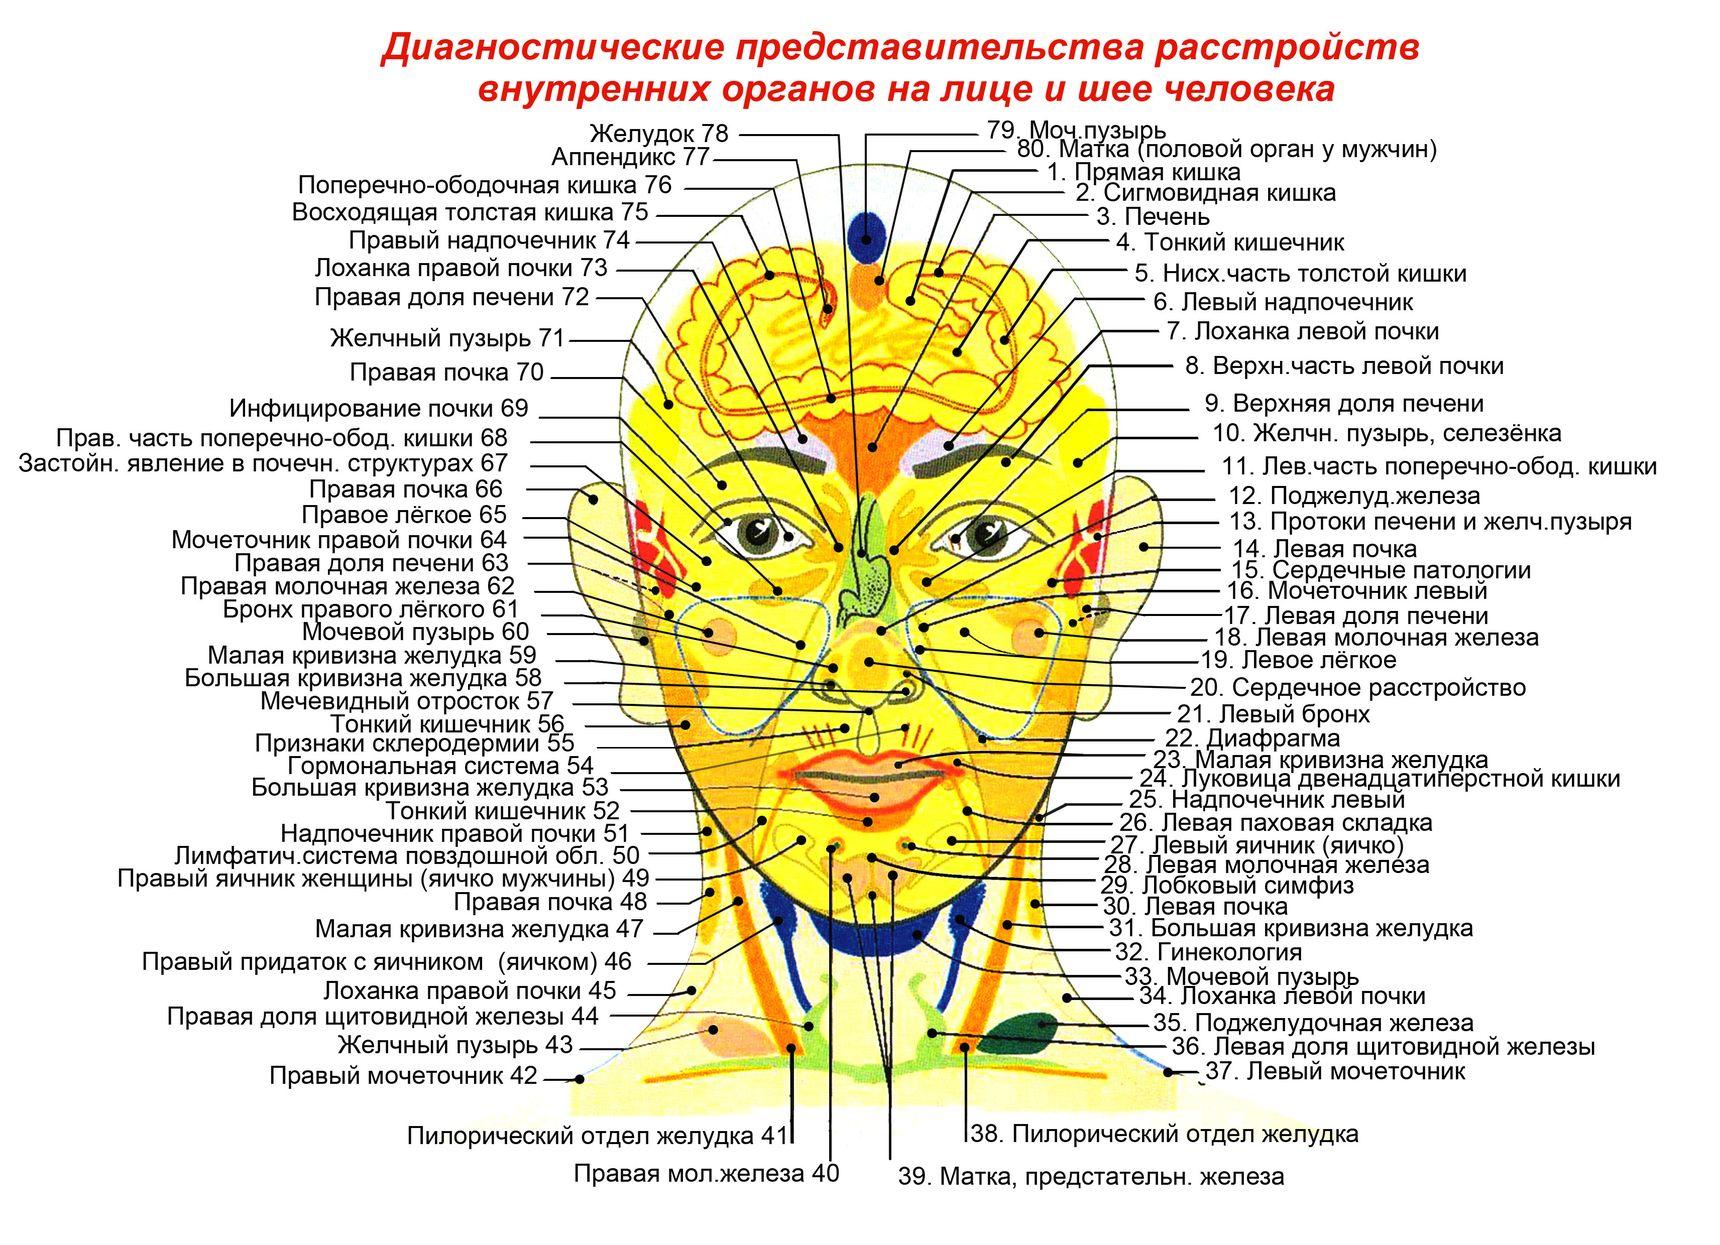 Схема взаимосвязь органов и систем органов фото 67